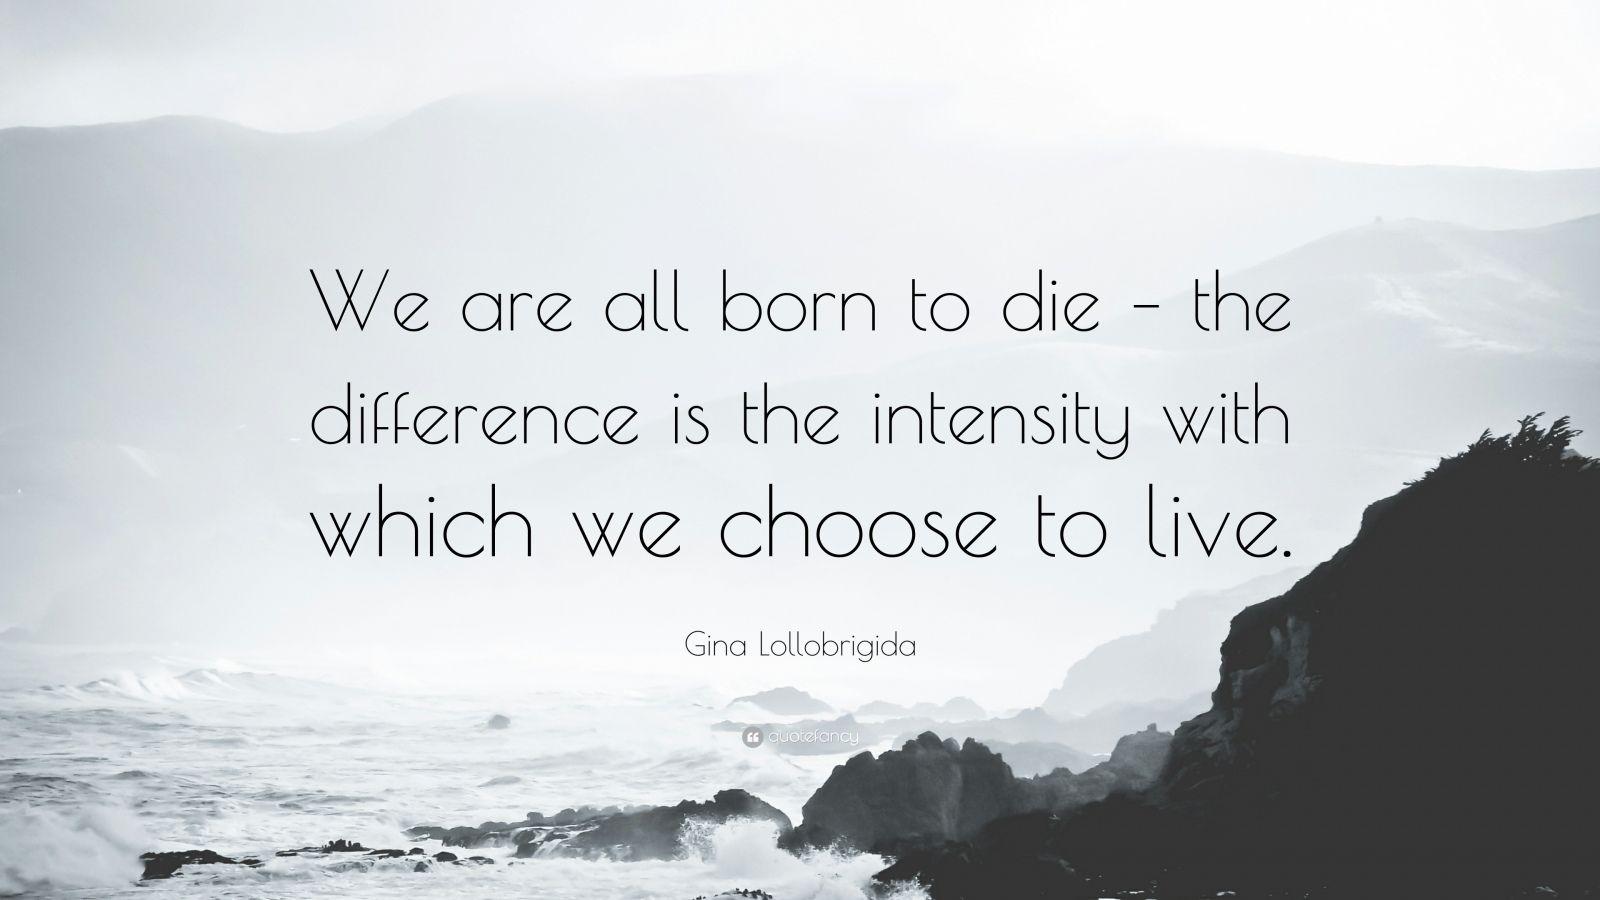 Swami Vivekananda Quotes Wallpaper Gina Lollobrigida Quote We Are All Born To Die The